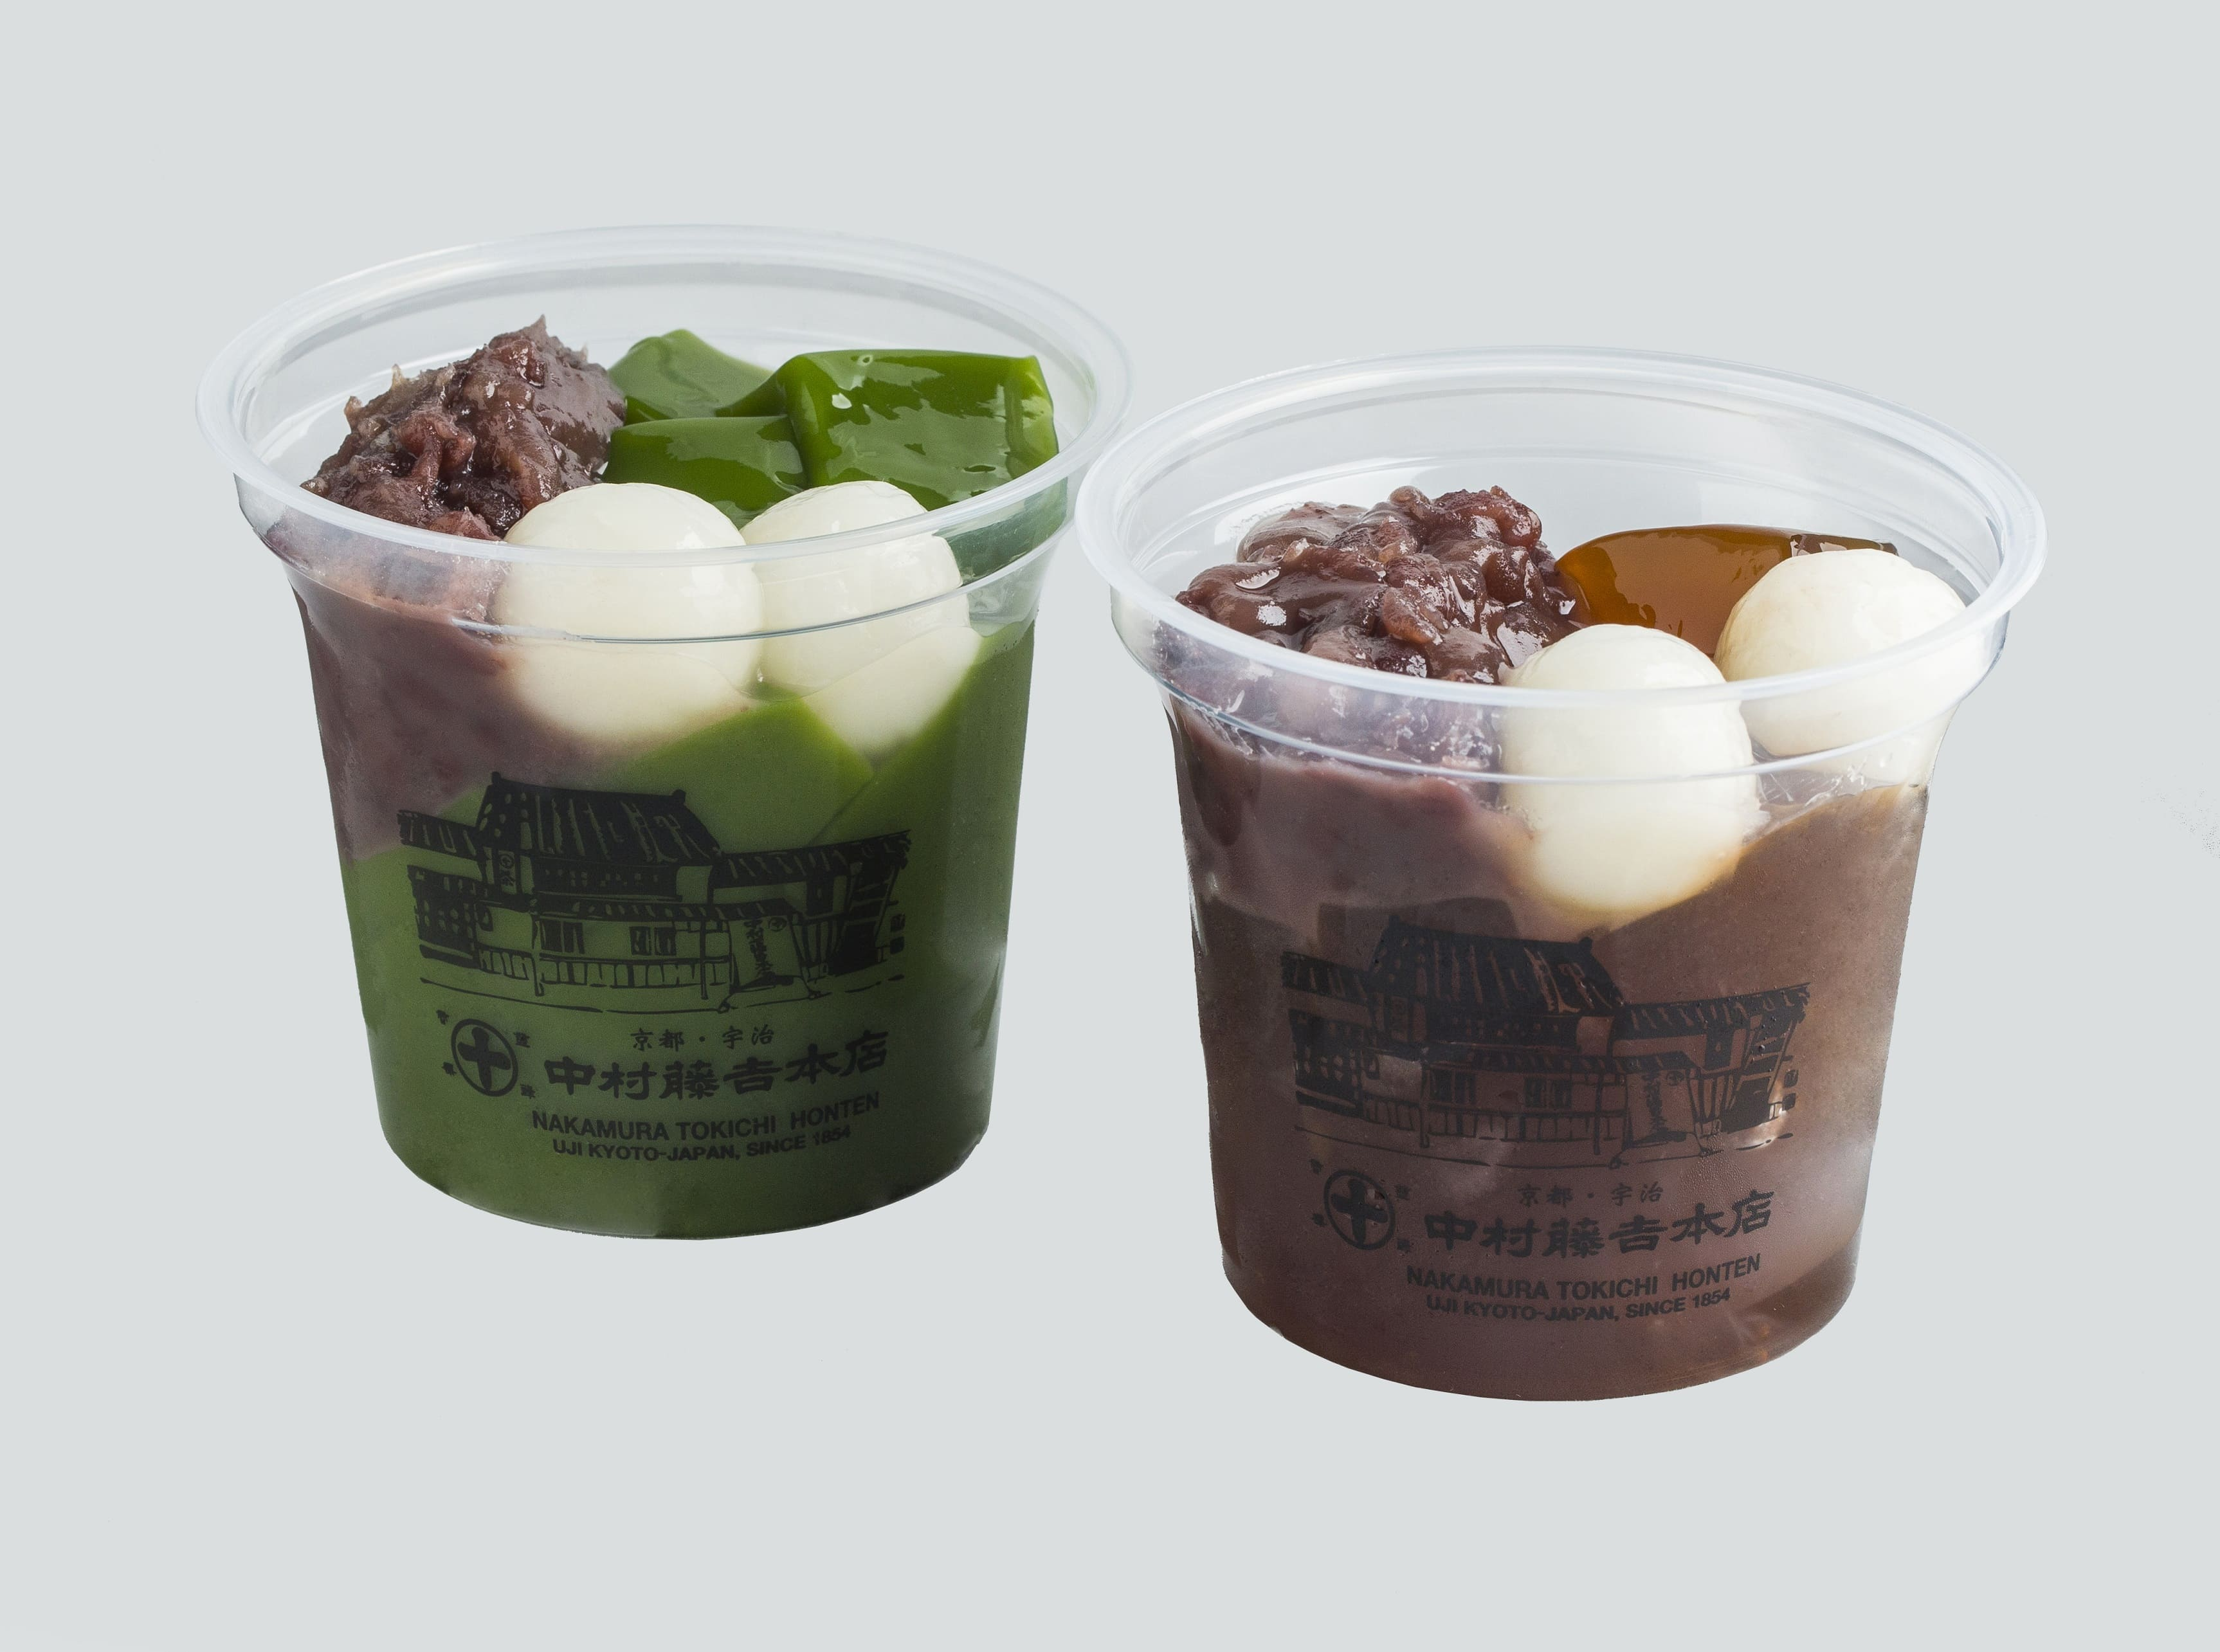 Nakamura Tokichi, Matcha Hojicha, Japanese Tea Jelly